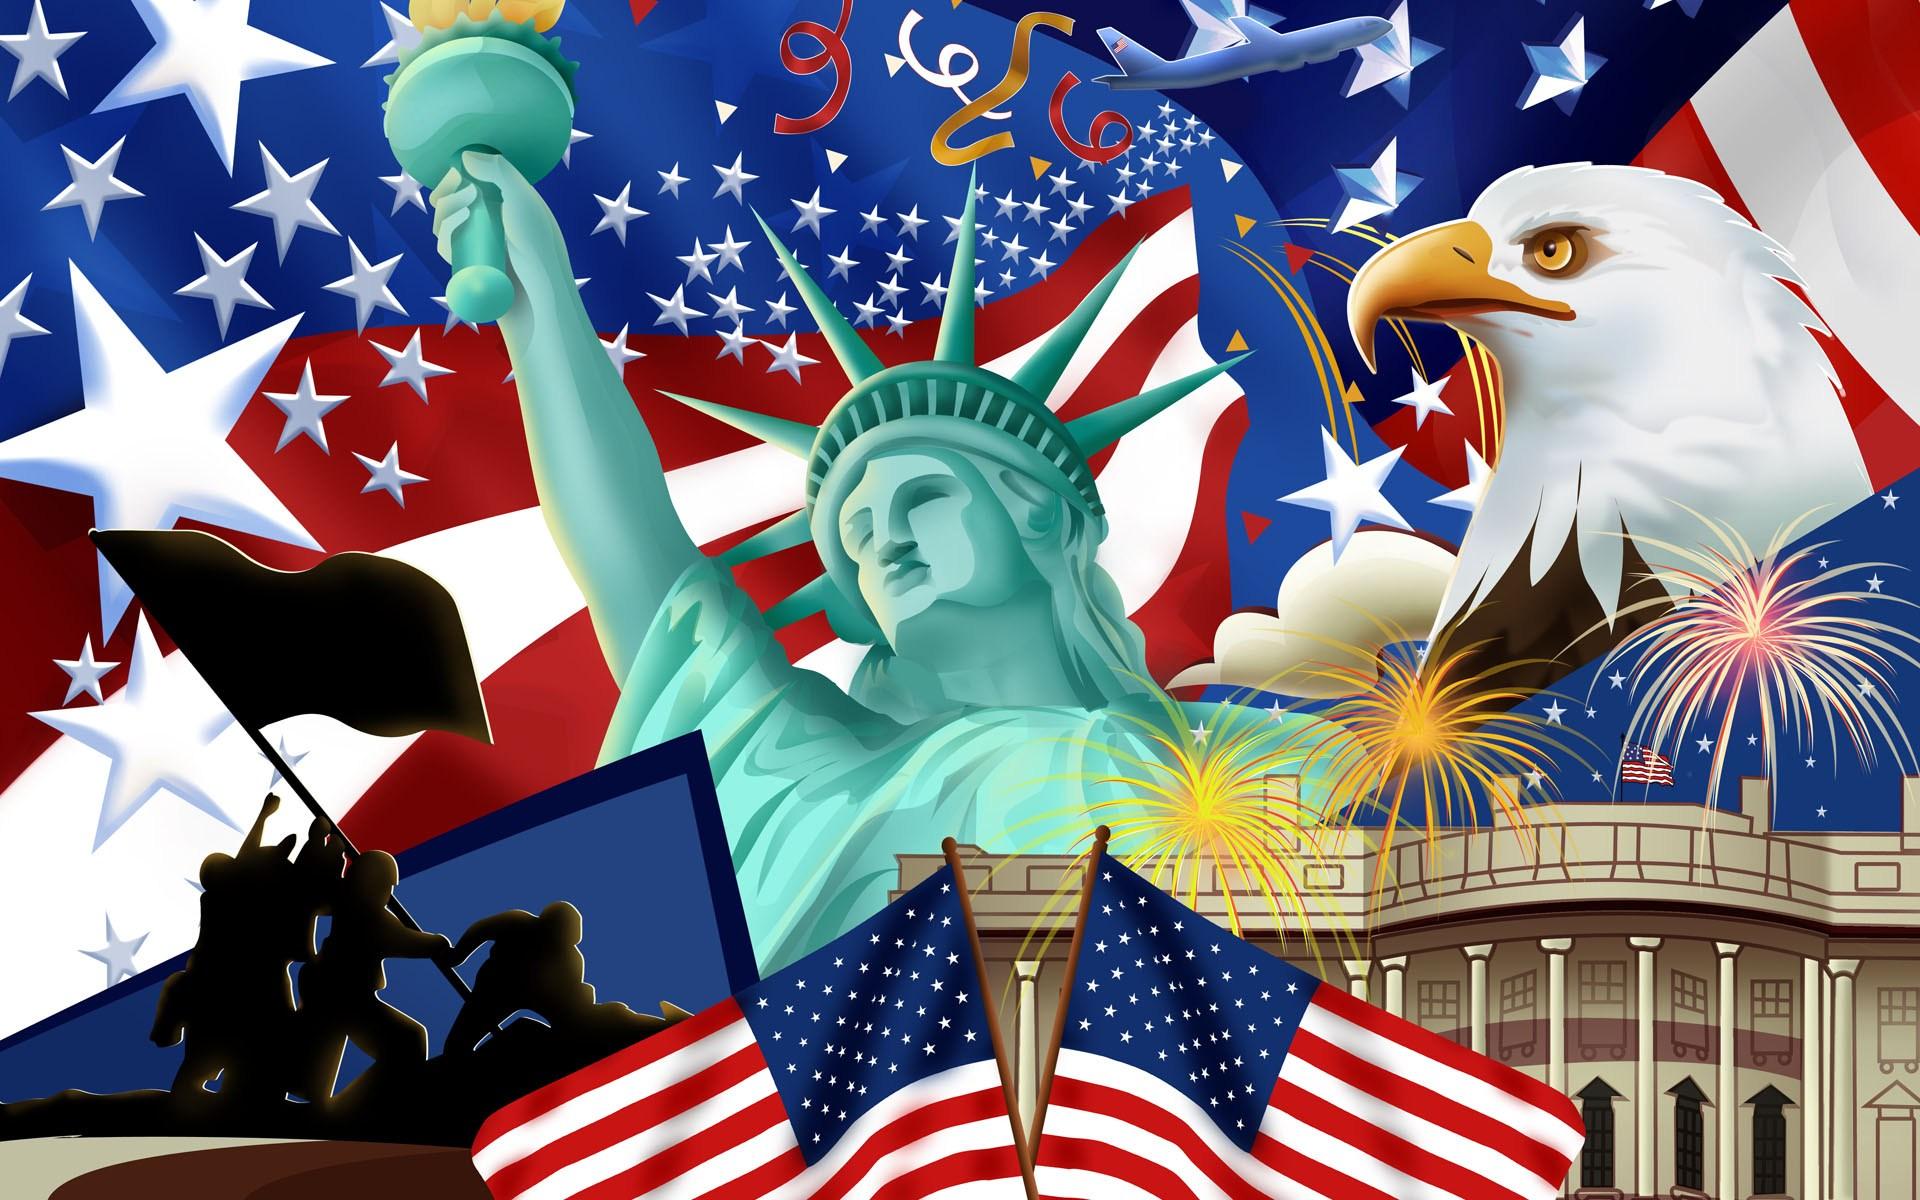 صورة الهجرة الى امريكا , كيفيه الهجره الى امريكا 6087 1